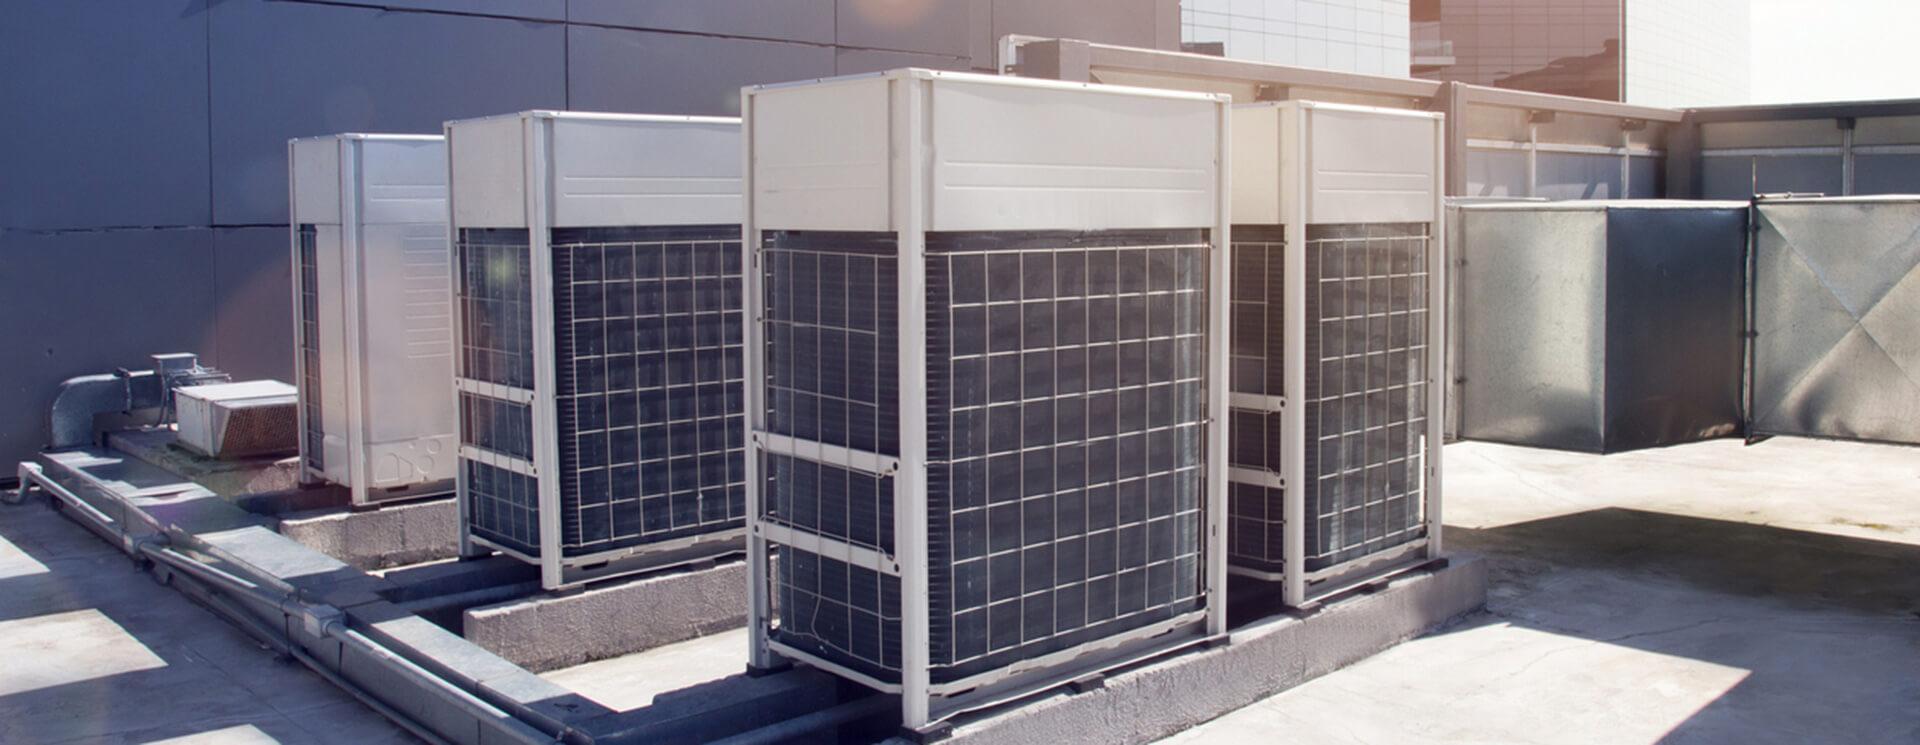 Lavorazione lamiere per climatizzatori industriali - Pres Metal Verona